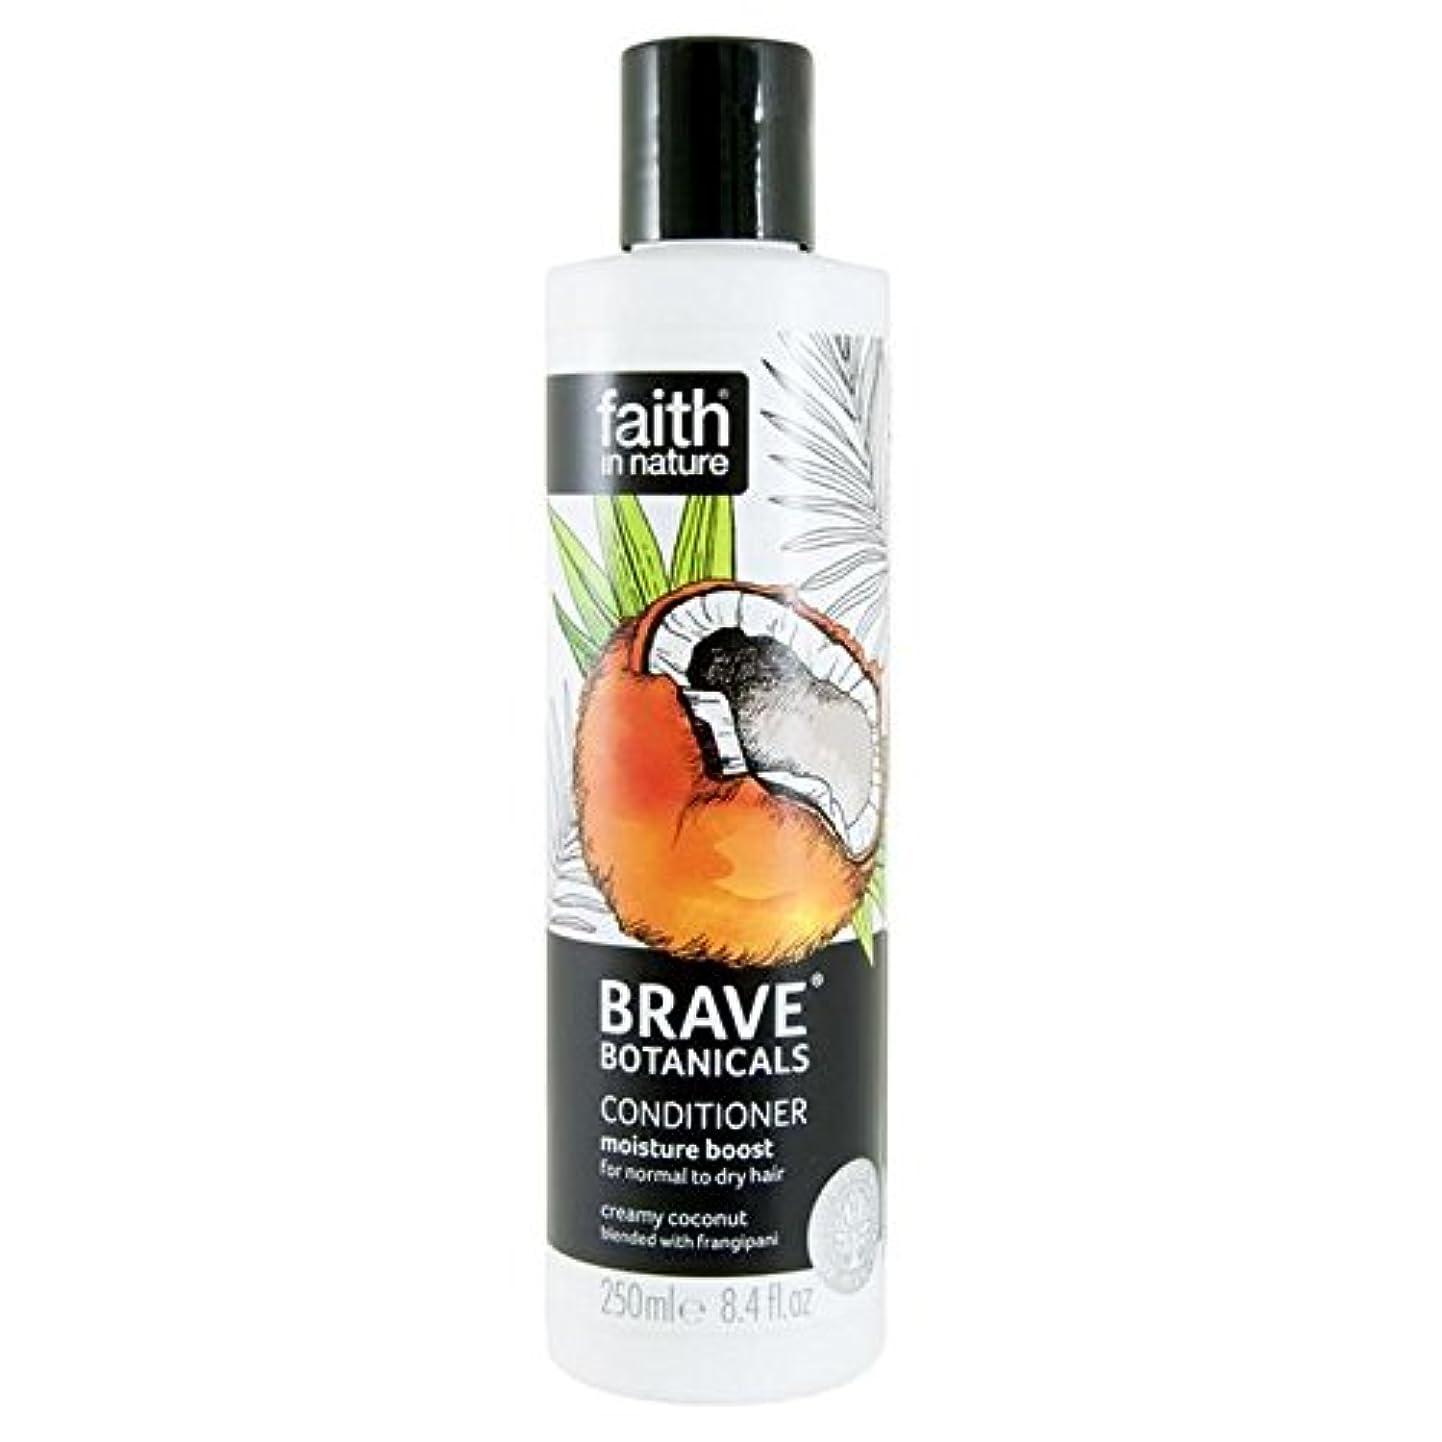 長さ占める見込みBrave Botanicals Coconut & Frangipani Moisture Boost Conditioner 250ml (Pack of 2) - (Faith In Nature) 勇敢な植物ココナッツ...